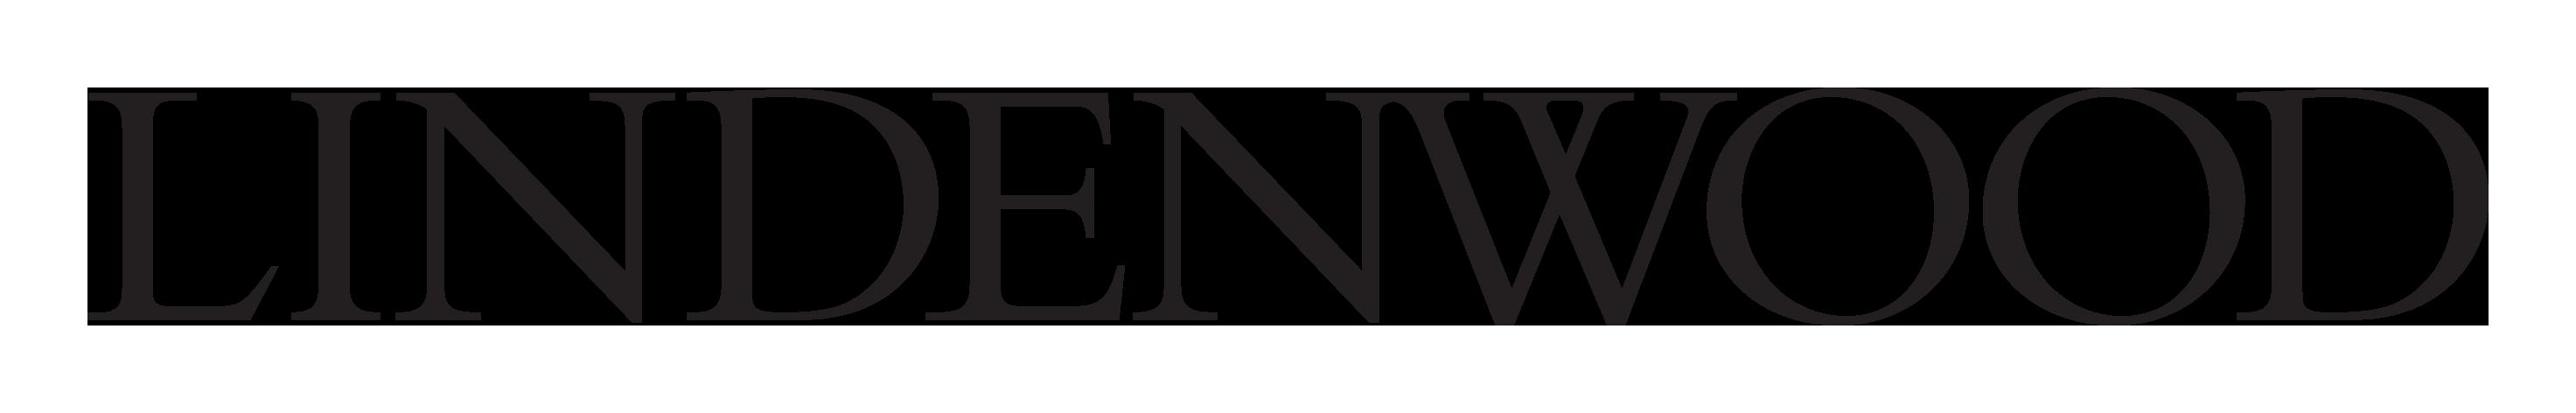 Lindenwood - Primary Logo